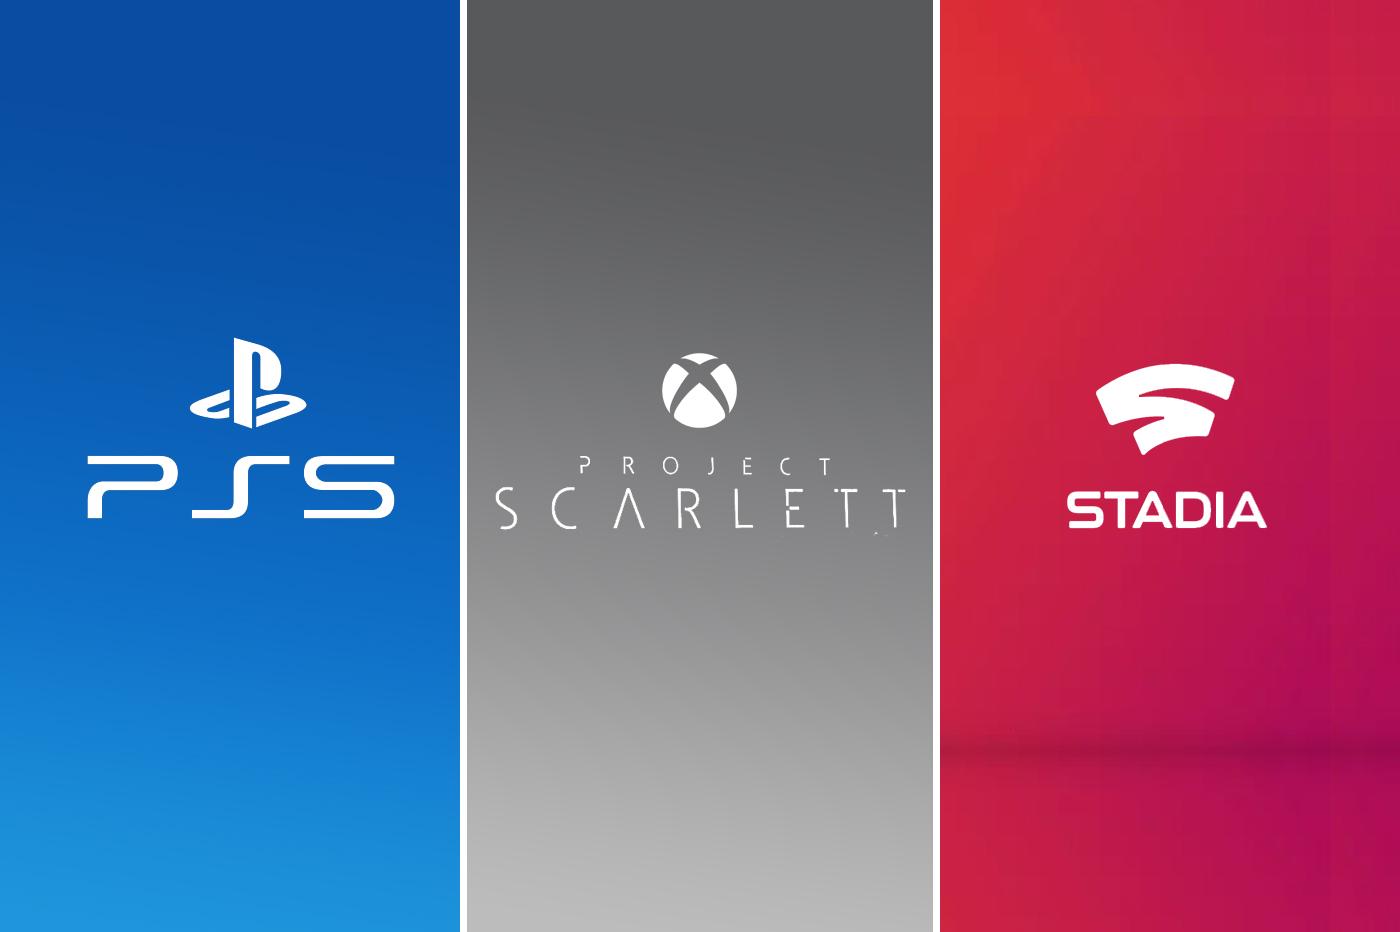 Sony et Microsoft étaient « terrifiés » vis-à-vis de Google et son arrivée dans l'industrie